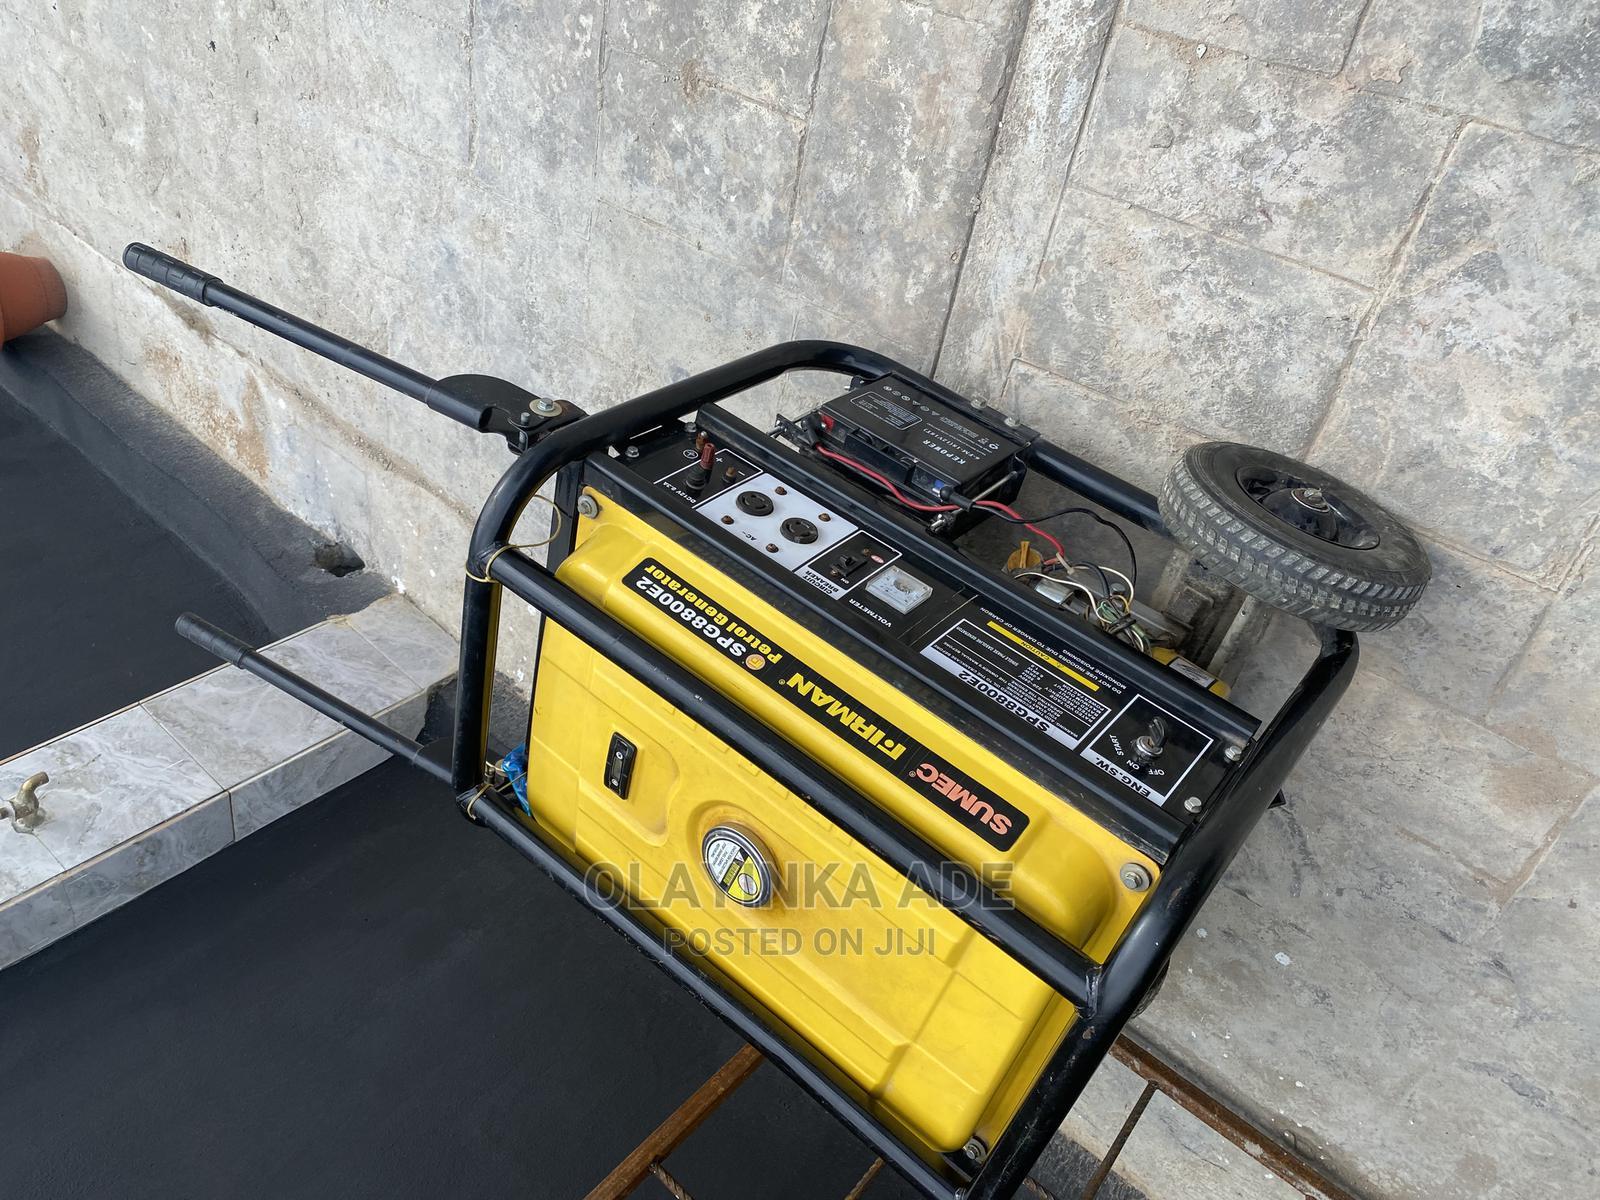 8.8kva Sumec Firman Generator   Home Appliances for sale in Ibadan, Oyo State, Nigeria